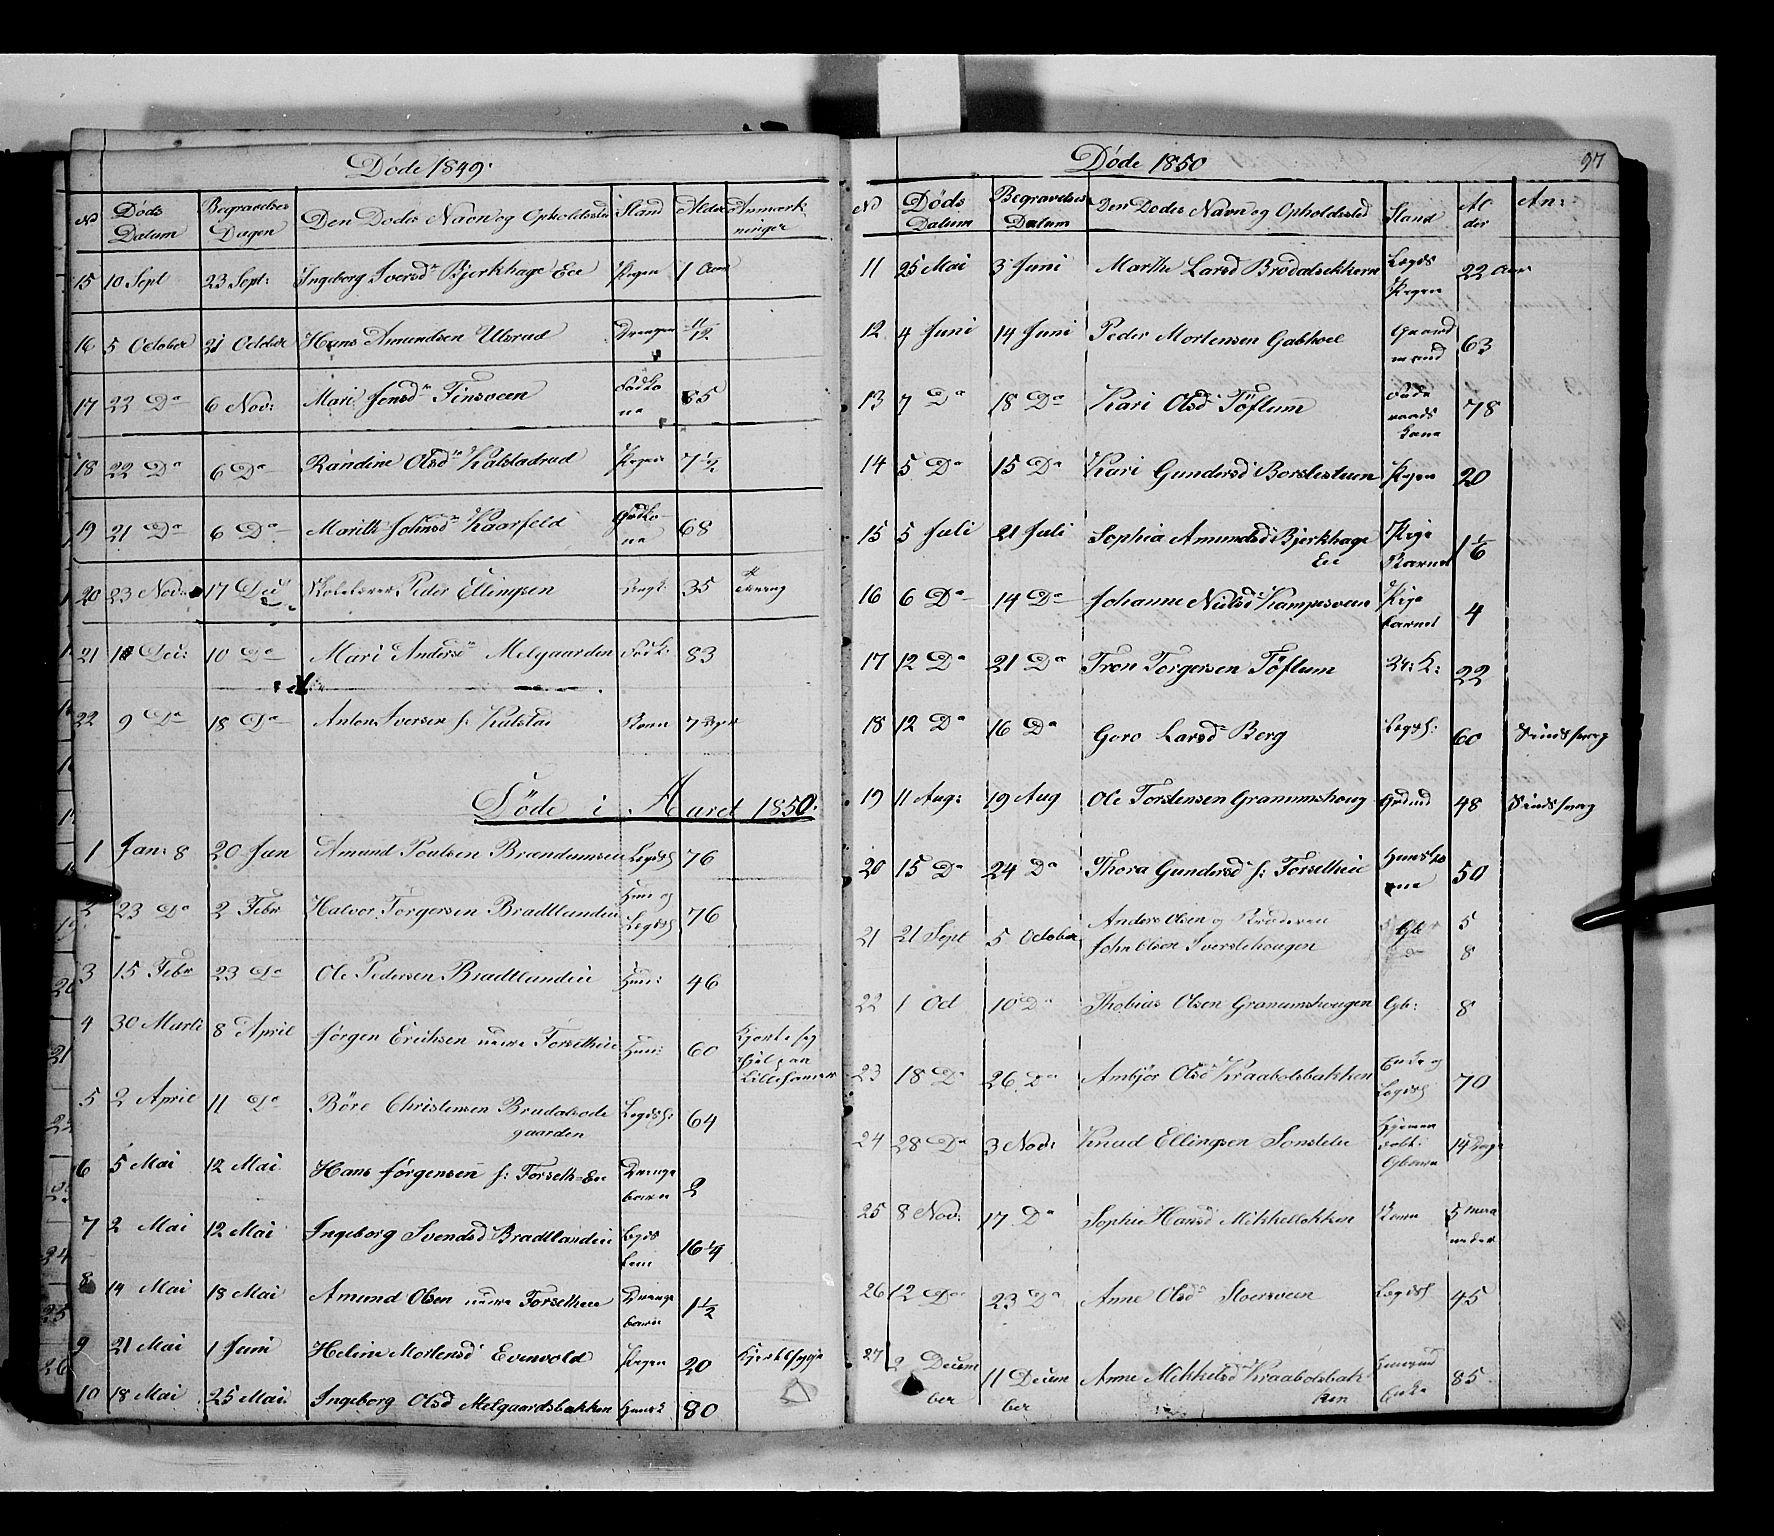 SAH, Gausdal prestekontor, Klokkerbok nr. 5, 1846-1867, s. 97